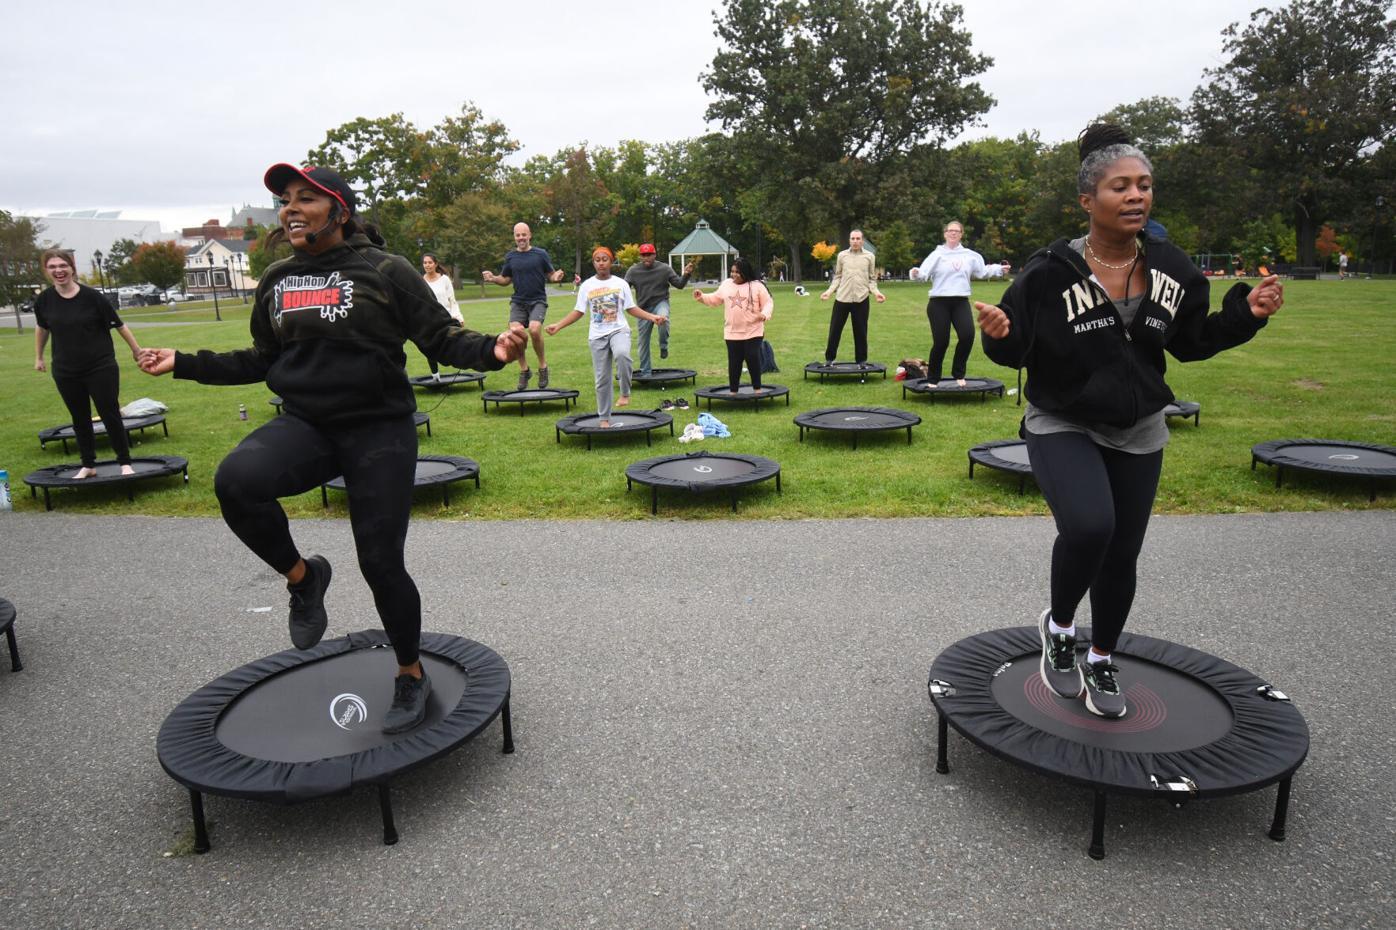 People jump on mini trampolines